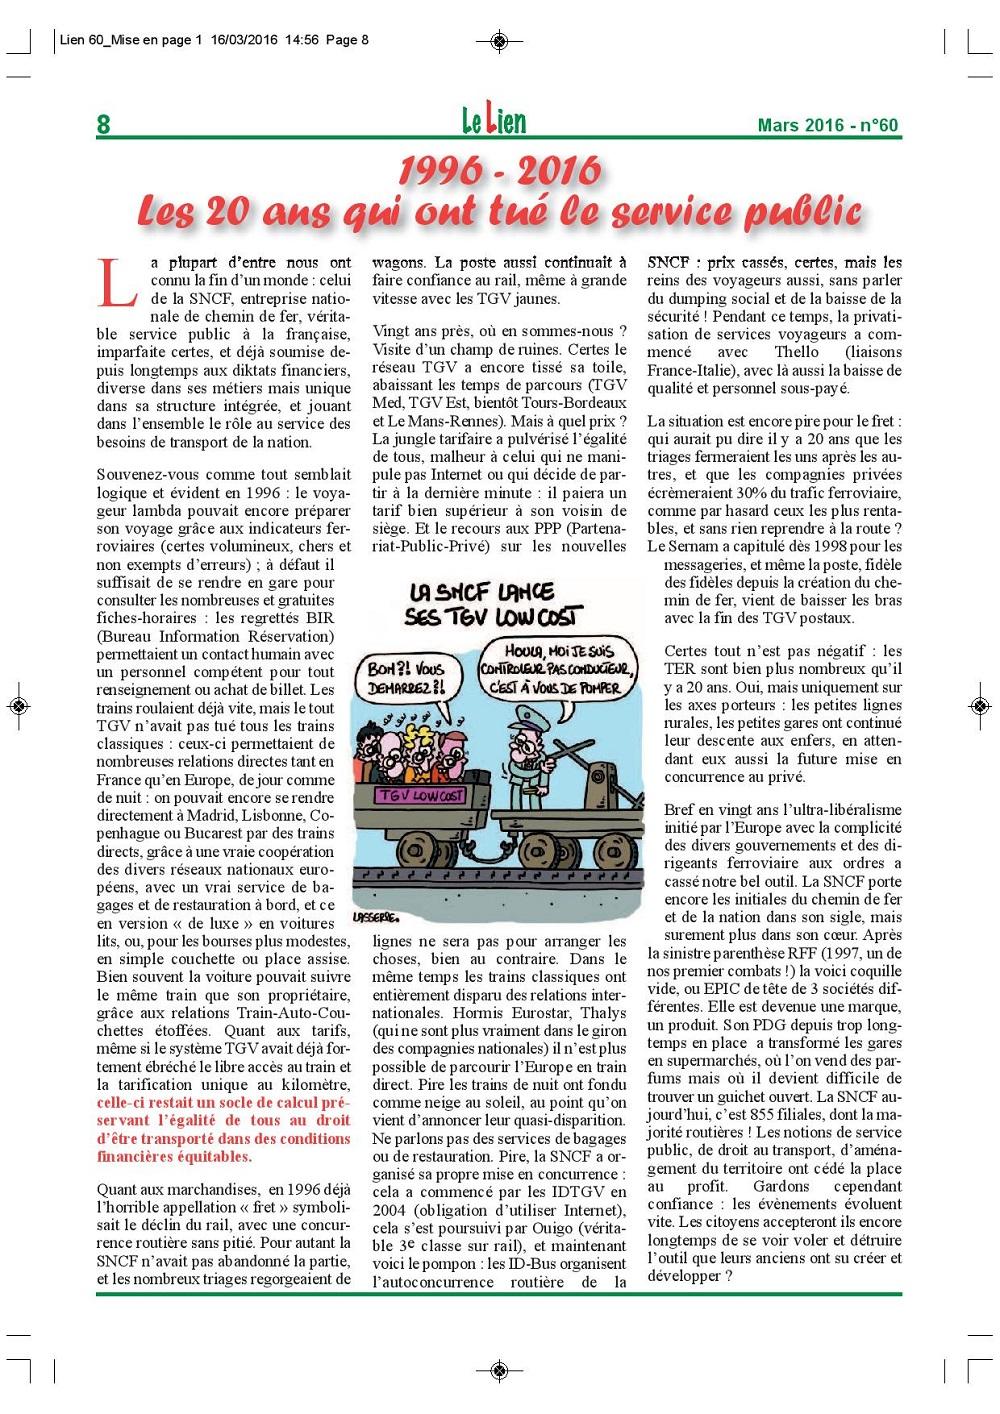 Lien retraite n60-page-008